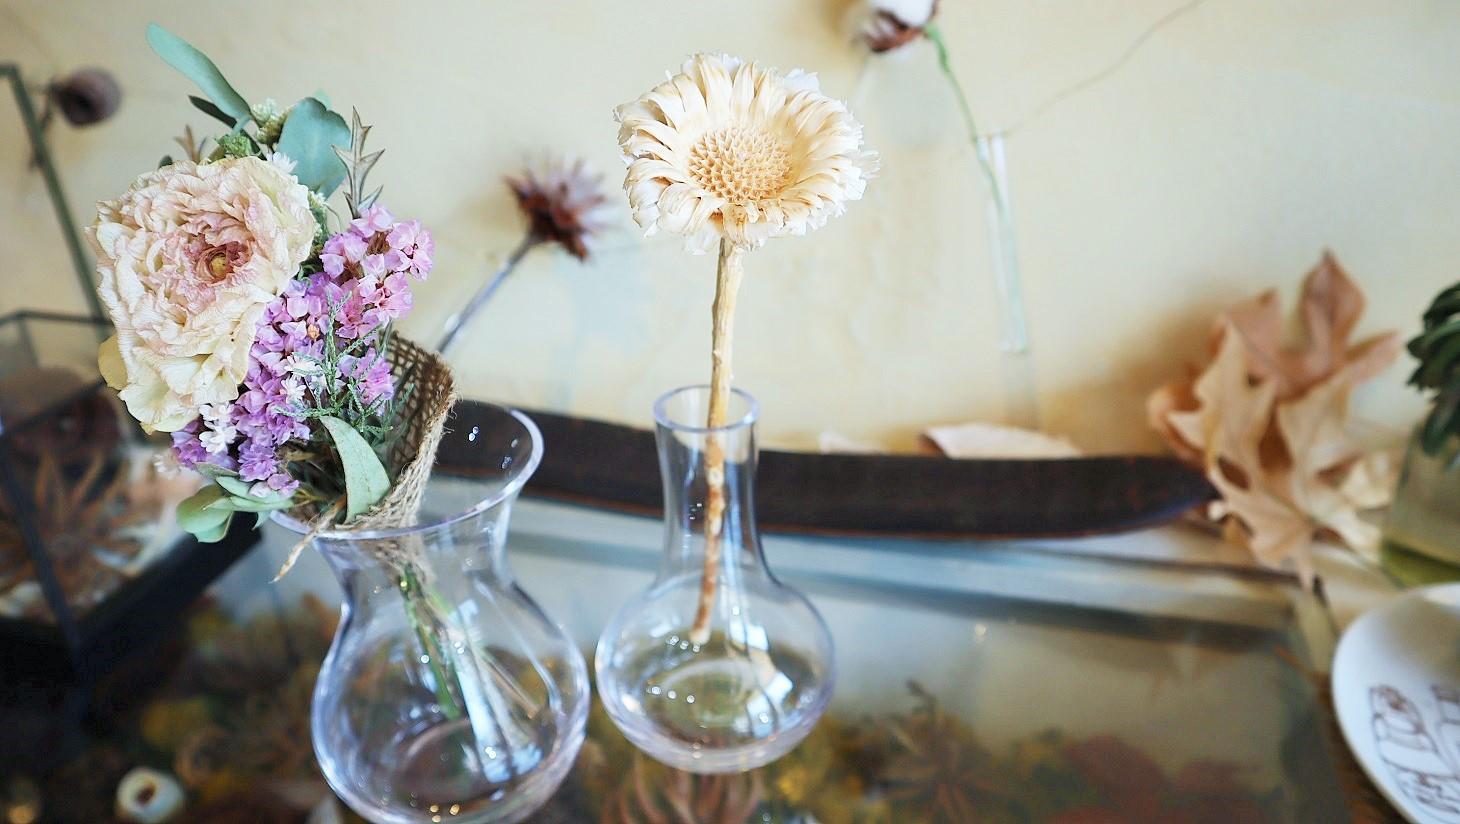 ヤドリギ yadorigi ドライフラワー ブーケ 一輪 花瓶